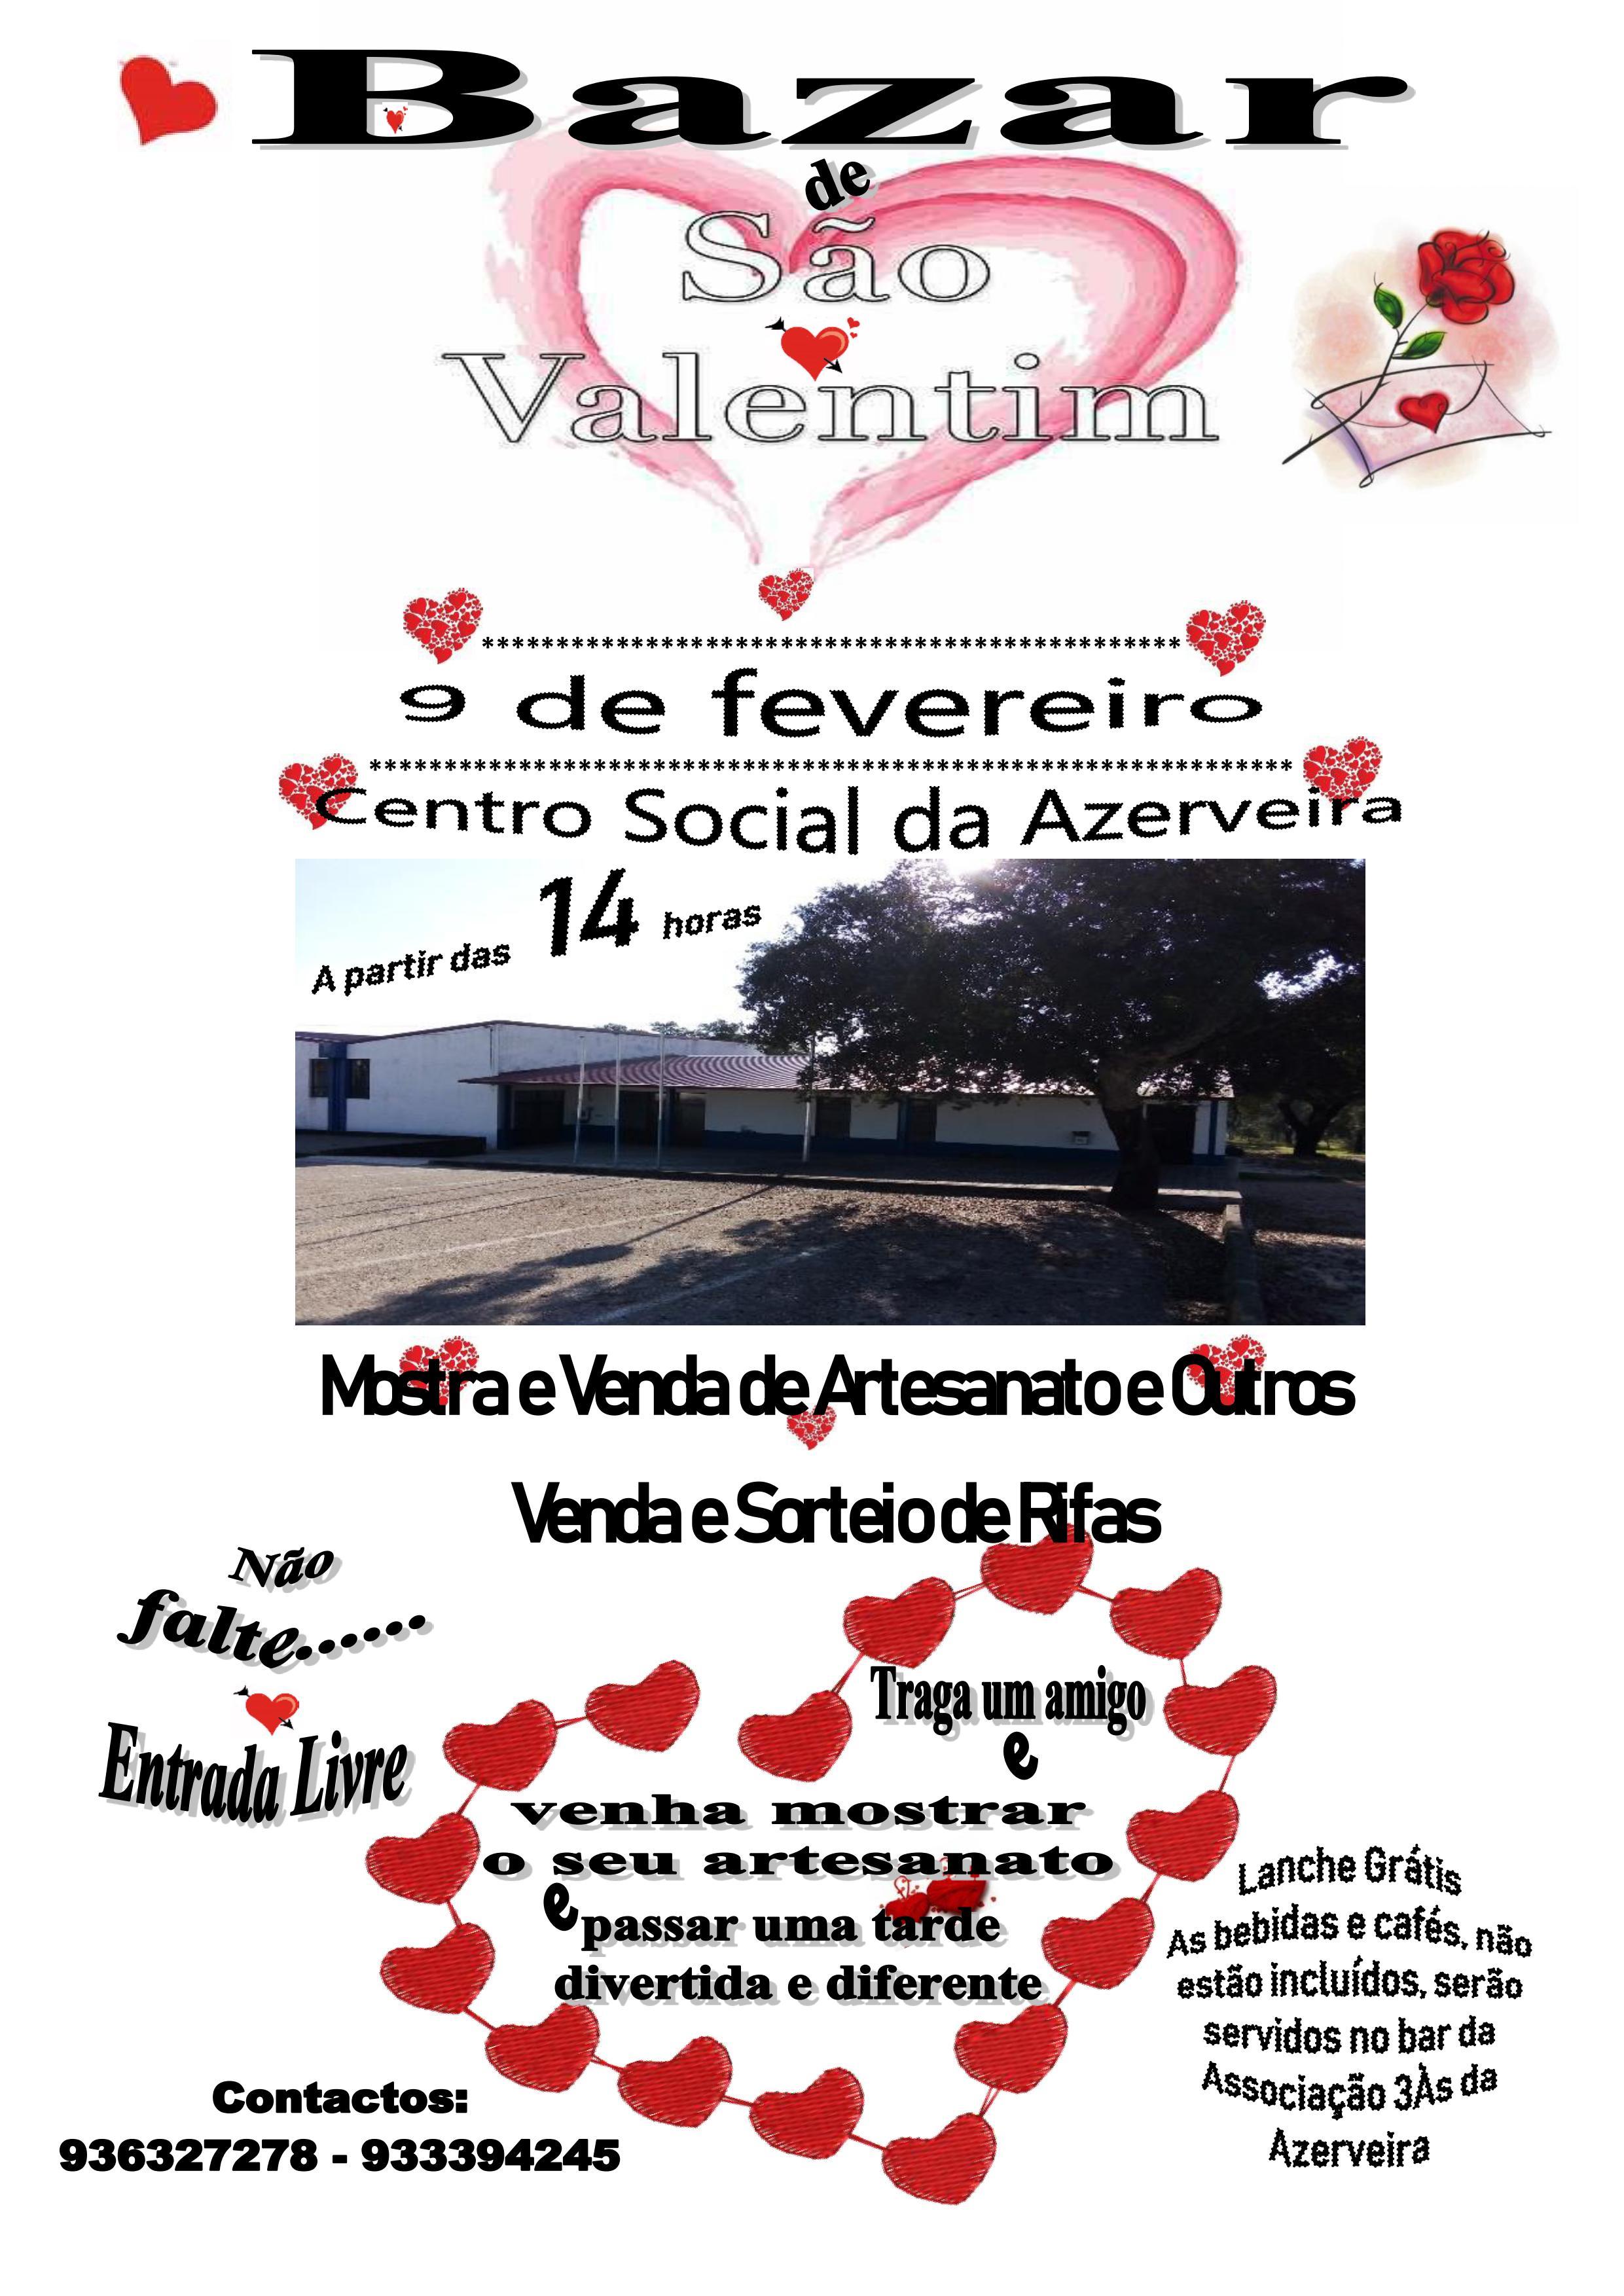 Bazar de São Valentim – Azerveira